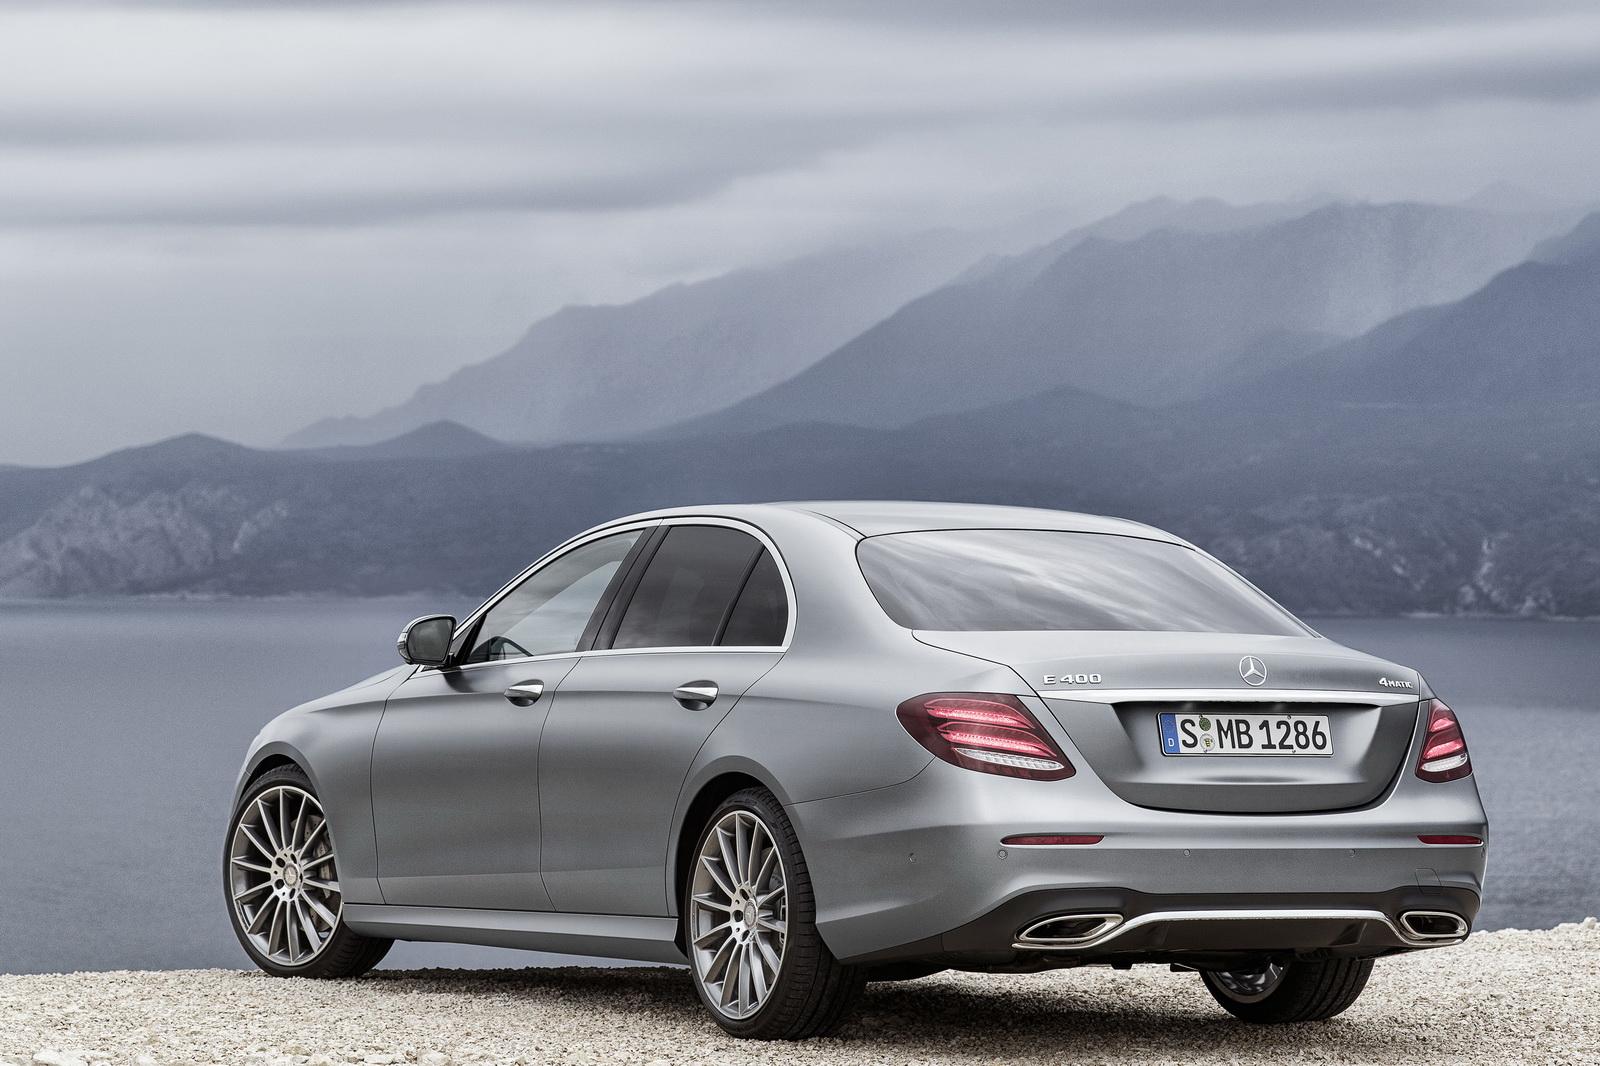 Mercedes Classe E è stata l'auto usata più venduta a settembre in UK